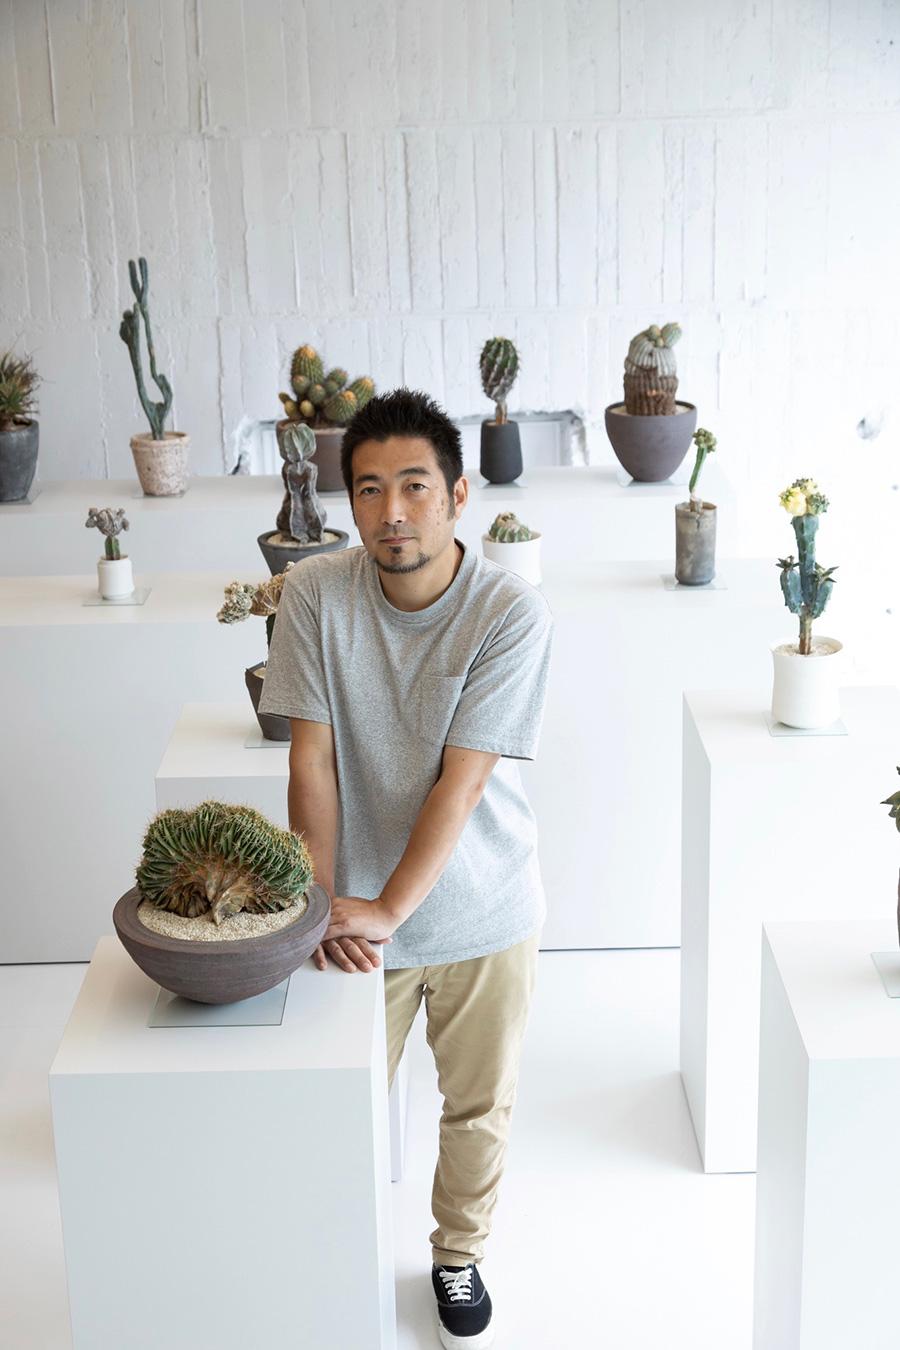 店主の小田康平さん。 大学卒業後、海外放浪生活中に出会ったフラワーアーティストによる空間演出に感銘を受け、2012年に独自の美しさを提案する植物屋「 叢 – Qusamura 」を設立。